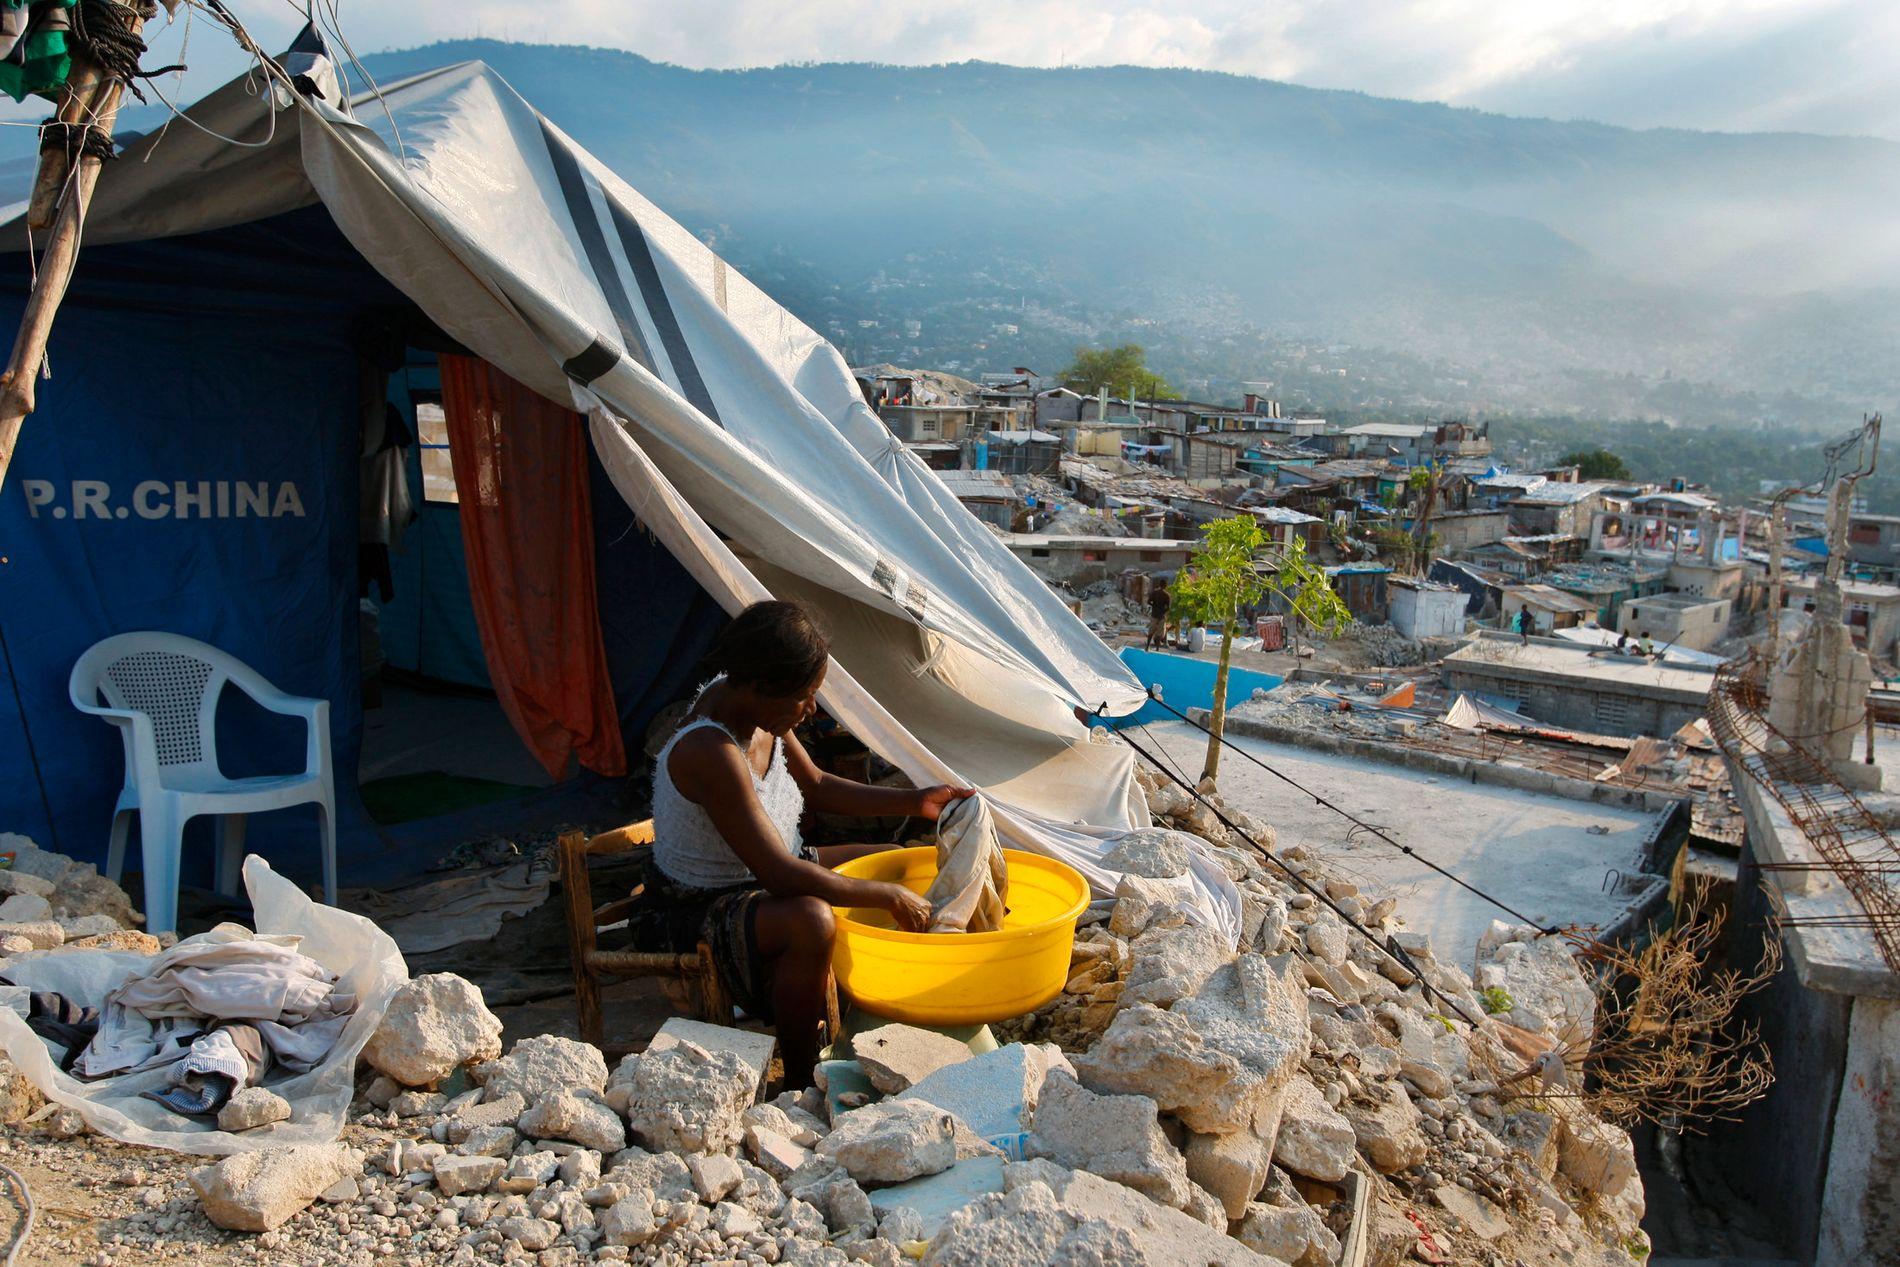 EN MILLION HJEMLØSE: Hjelpeorganisasjonen skal ha utnyttet kvinner som mistet hjemmet sitt etter et jordskjelv på Haiti i 2010.